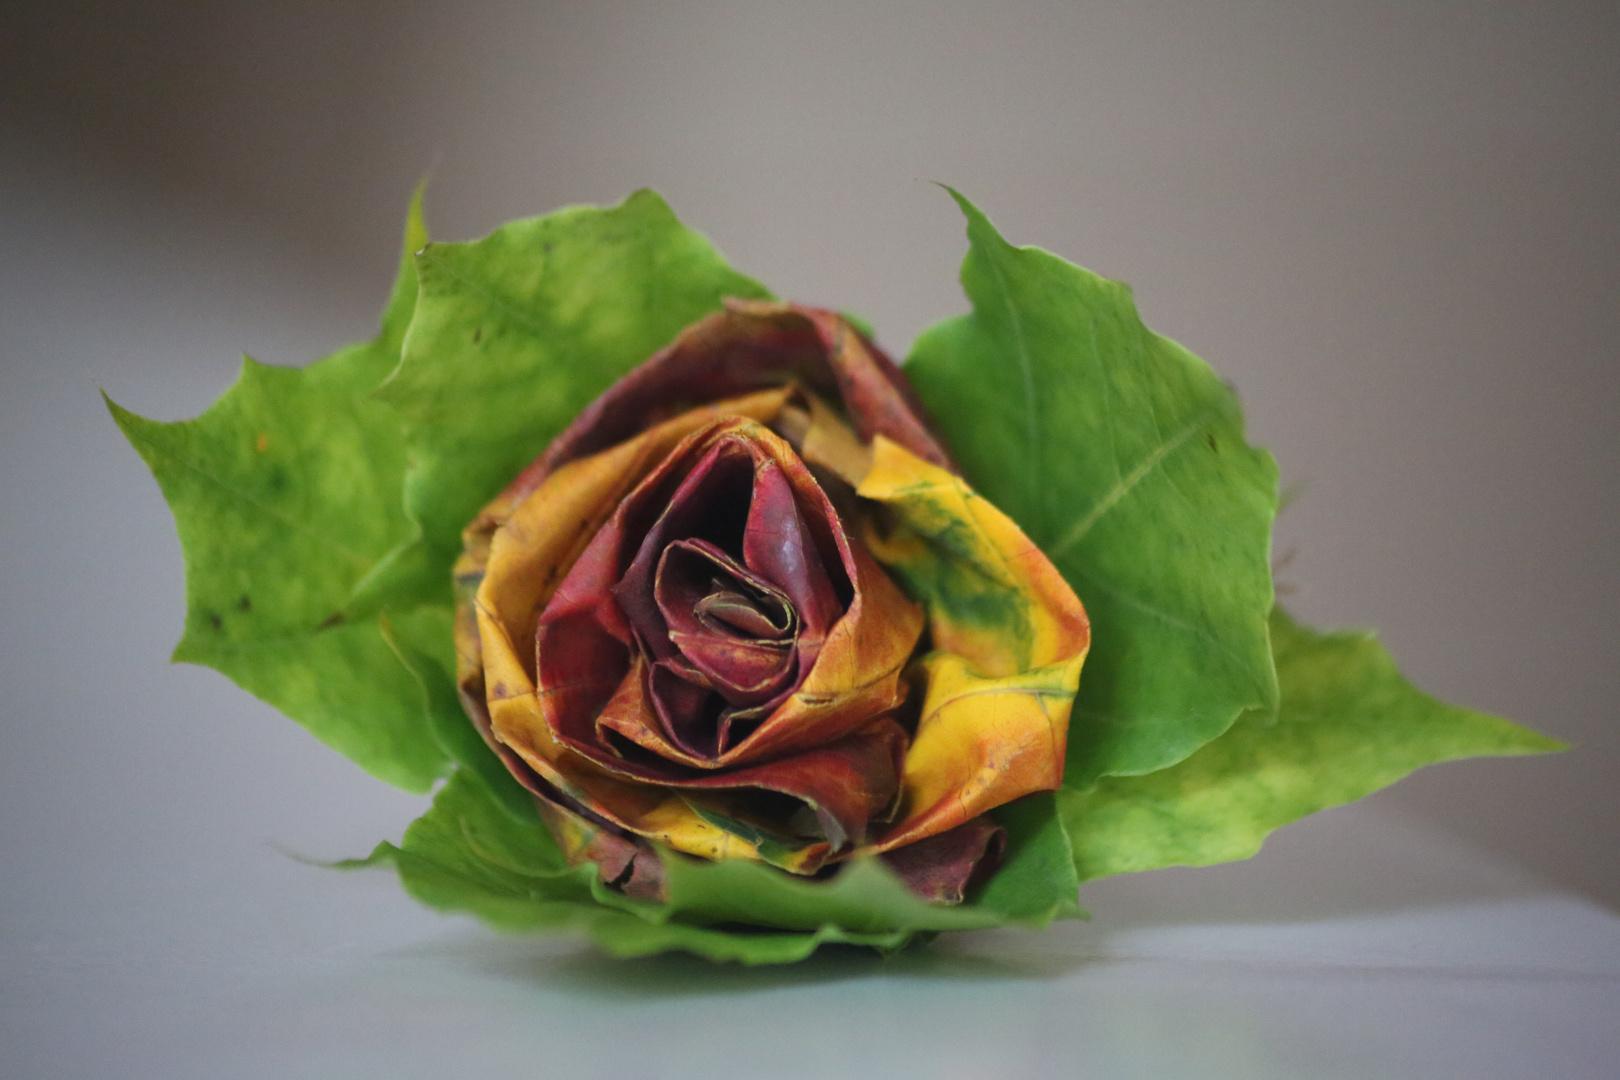 Herbstrose oder ein Bild aus 5 Ahornblättern